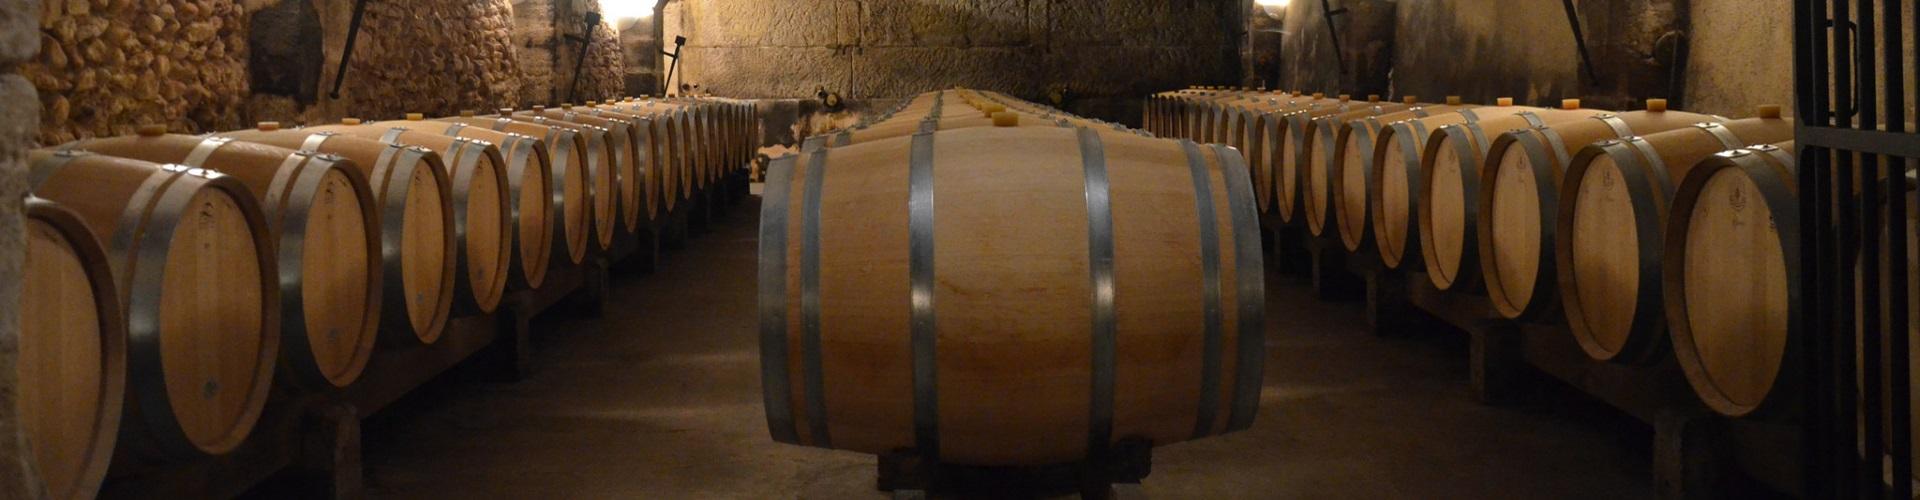 Wijnproeverij Ronde Tafel 21 Breda - 5 november 15:00 - 18:00